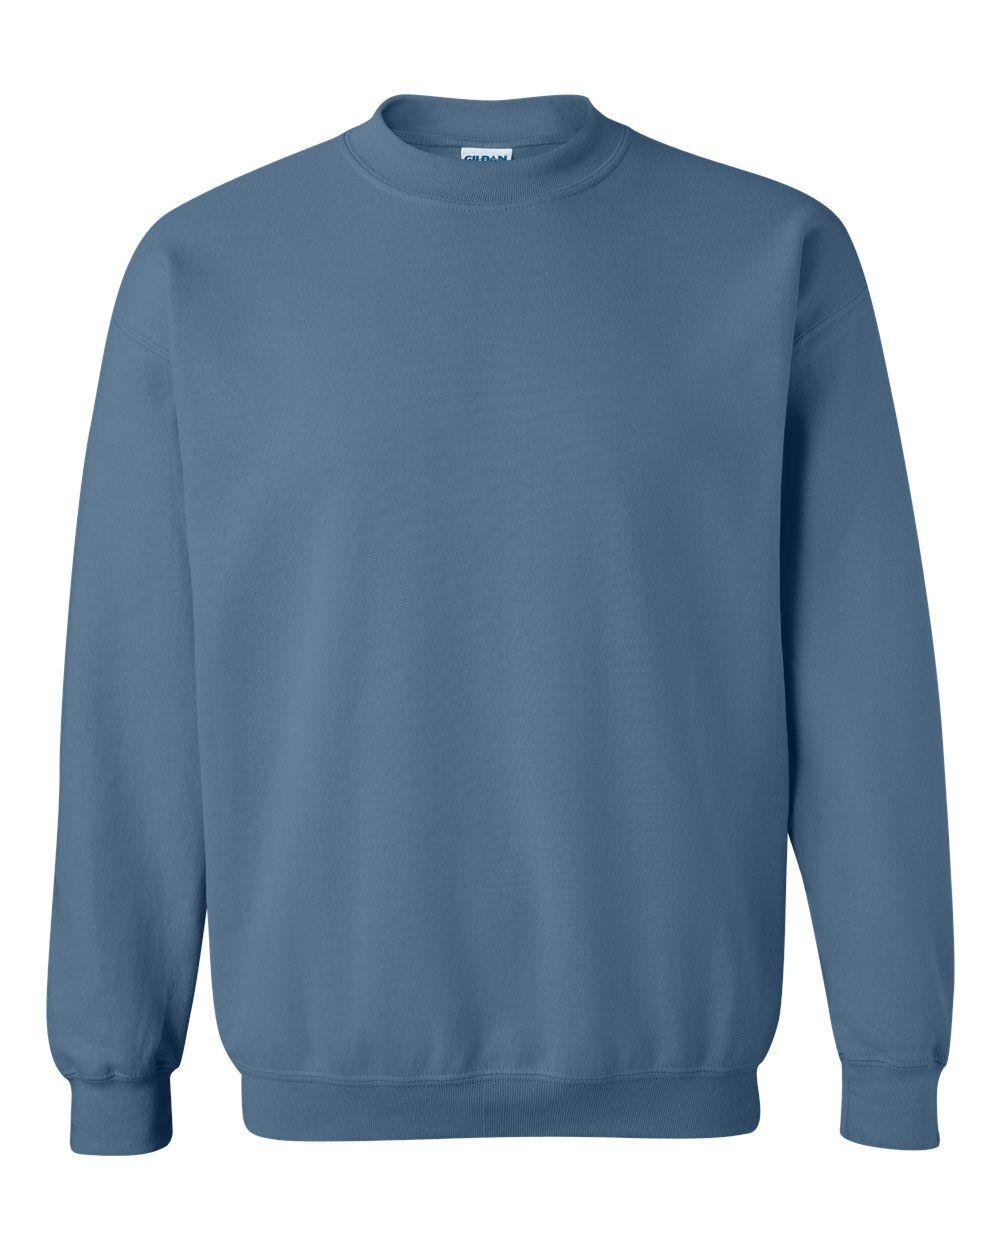 Gildan Heavy Blend Crewneck Sweatshirt 18000 In 2021 Sweatshirts Crew Neck Sweatshirt Gildan Sweatshirts [ 1250 x 1000 Pixel ]